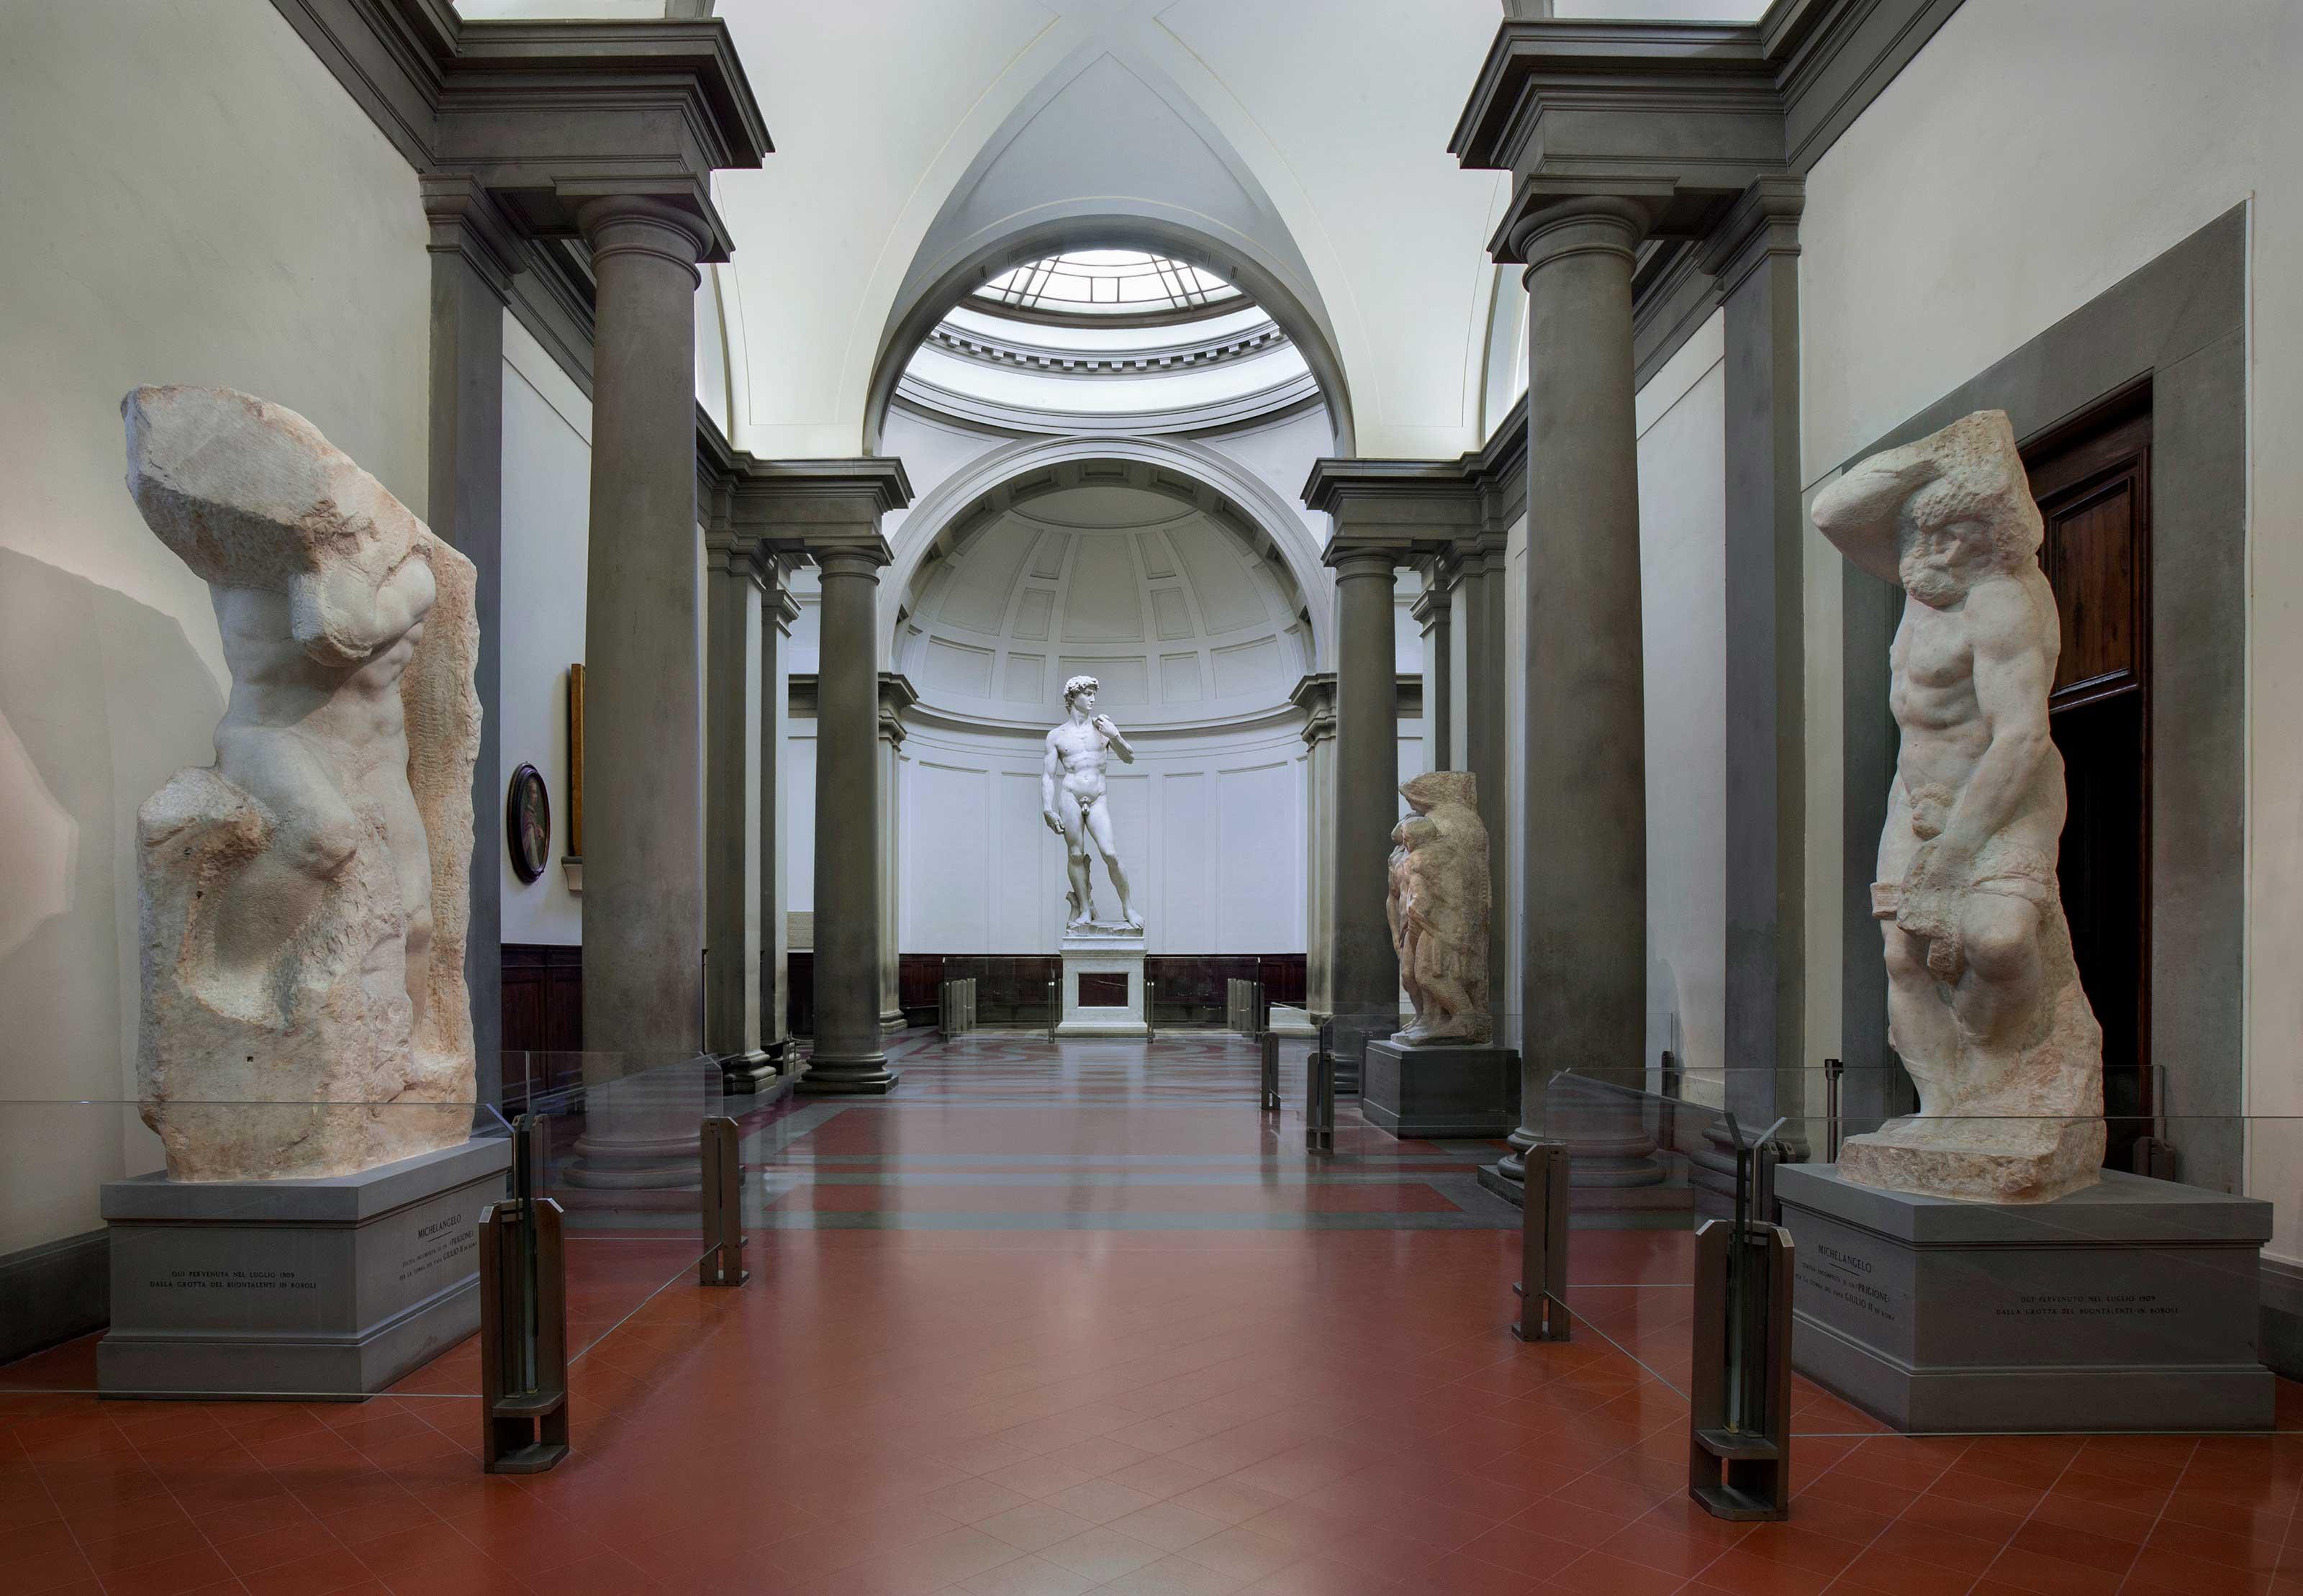 1,7 mln di visitatori, mostre rendicontate, David tutelato: la direttrice stila il bilancio della Galleria dell'Accademia